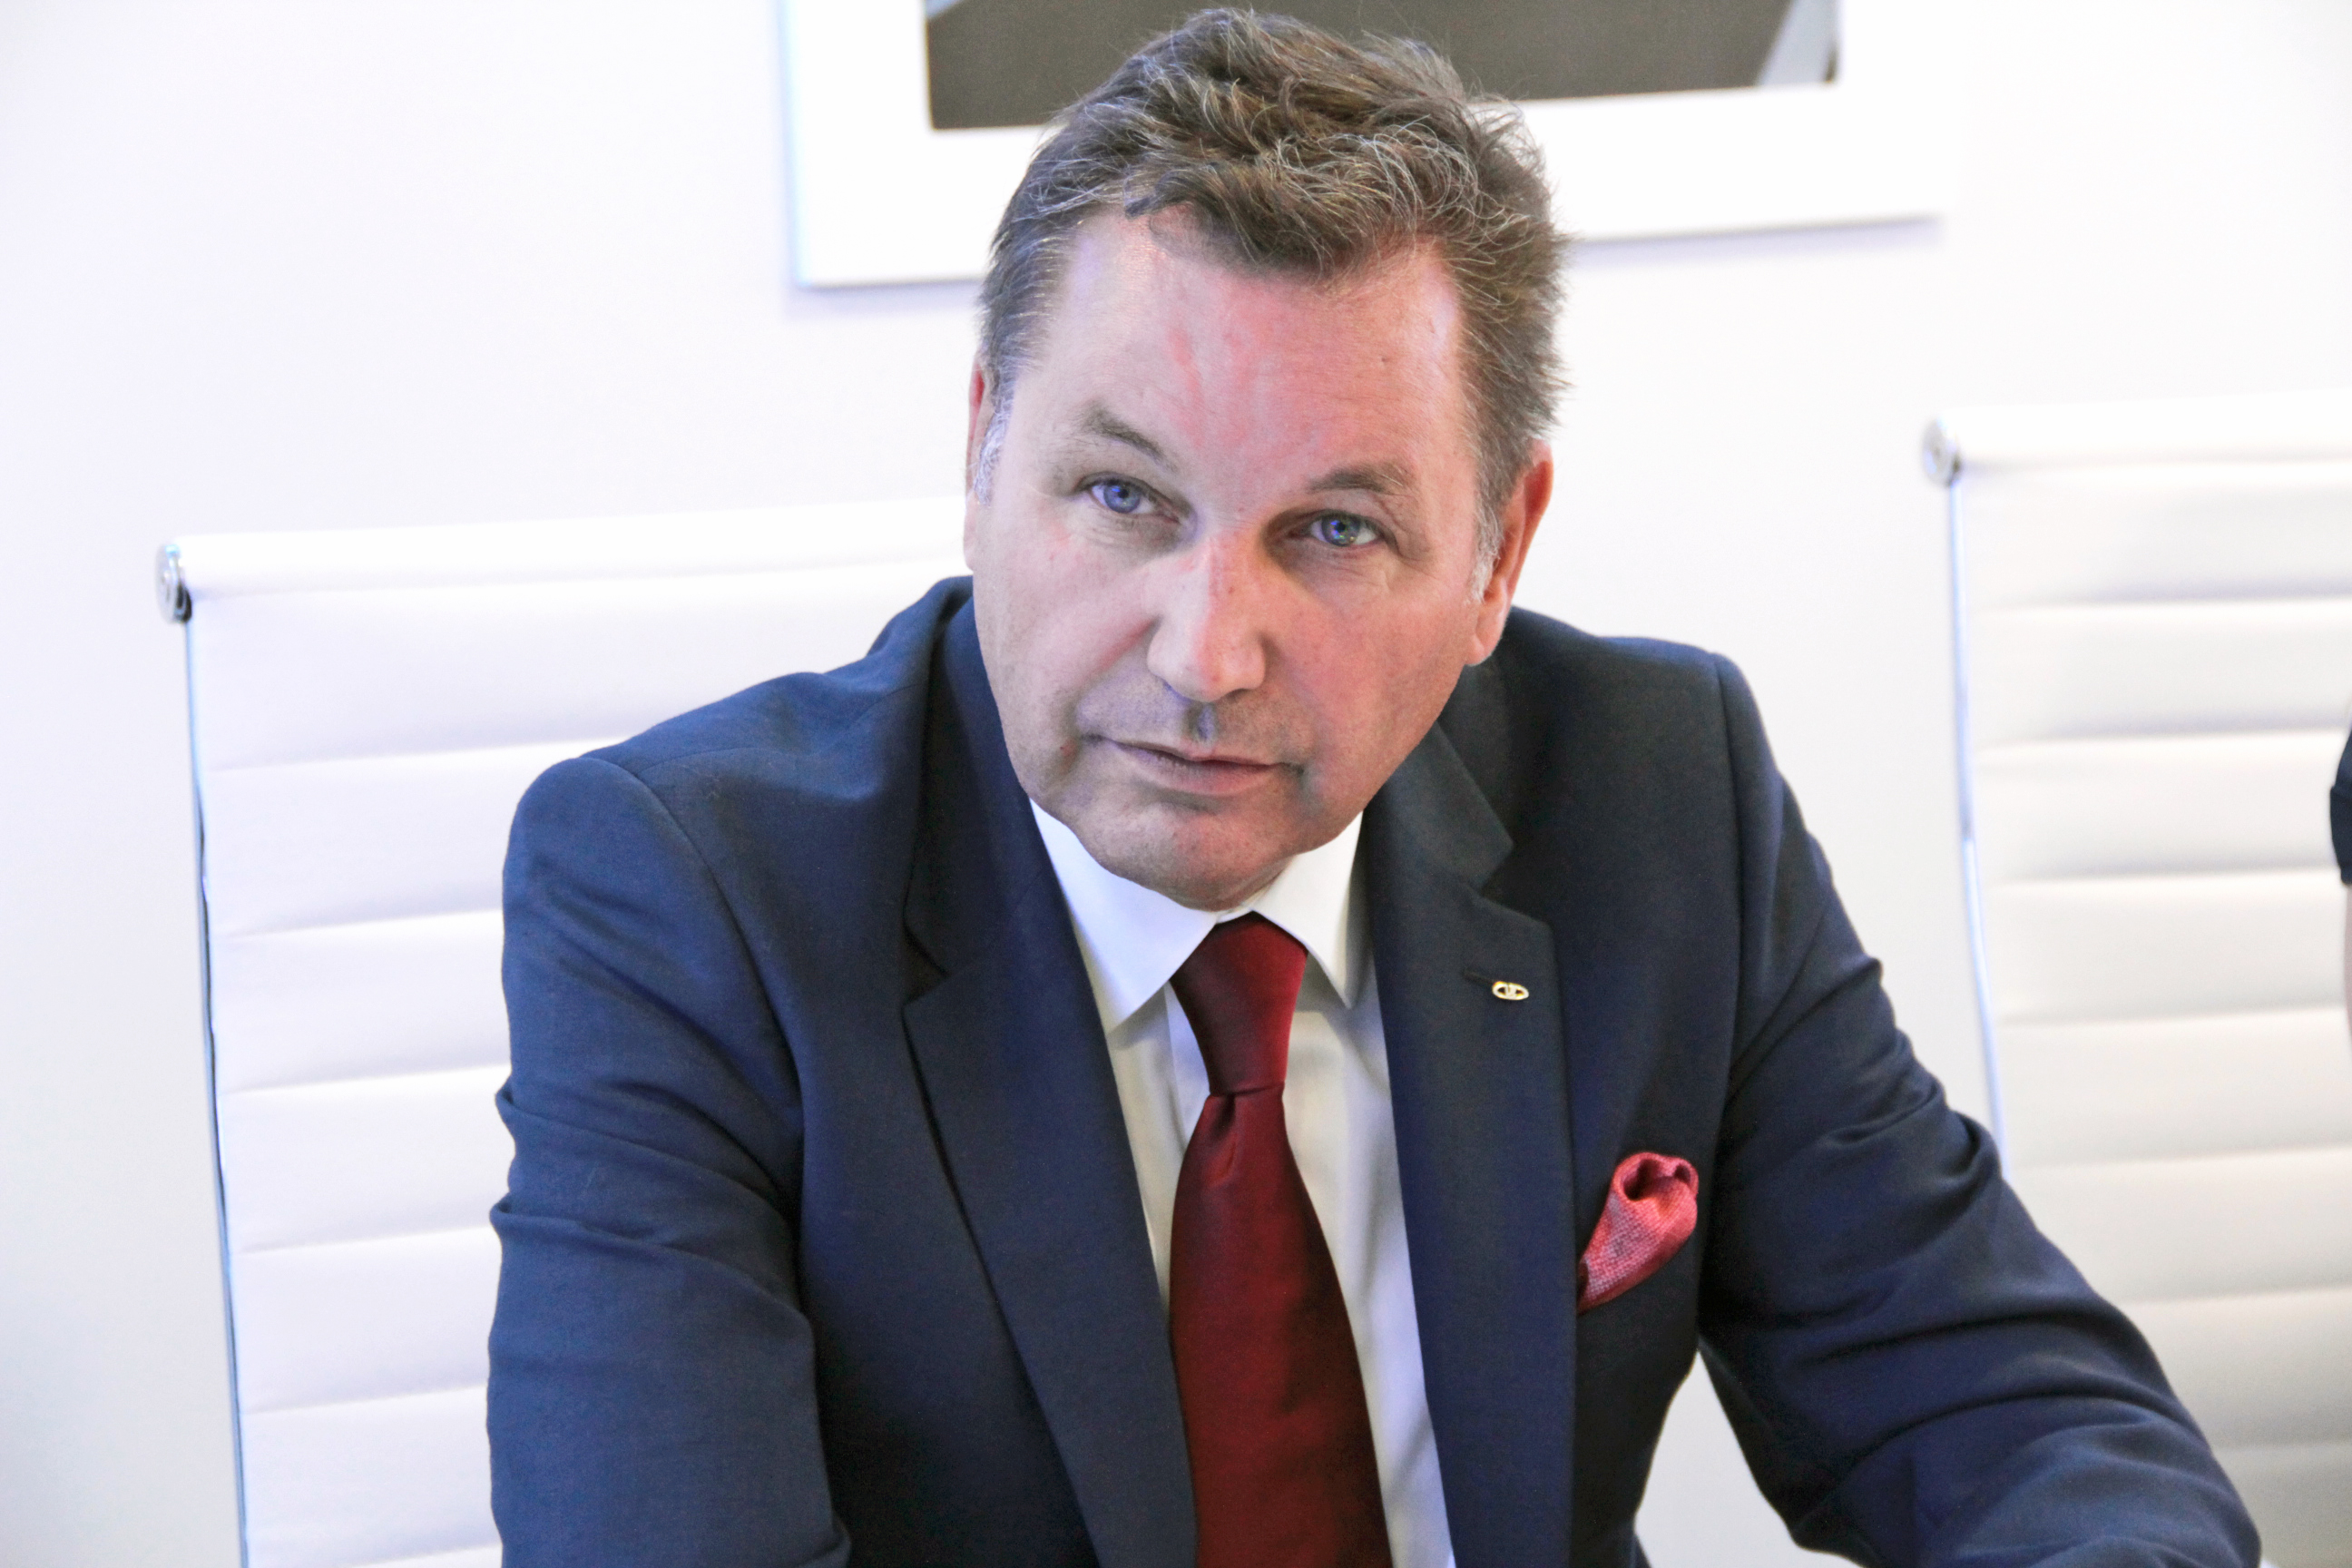 Бу Андерссон, президент АвтоВАЗа: «Наша Lada Vesta — ровня иномаркам»